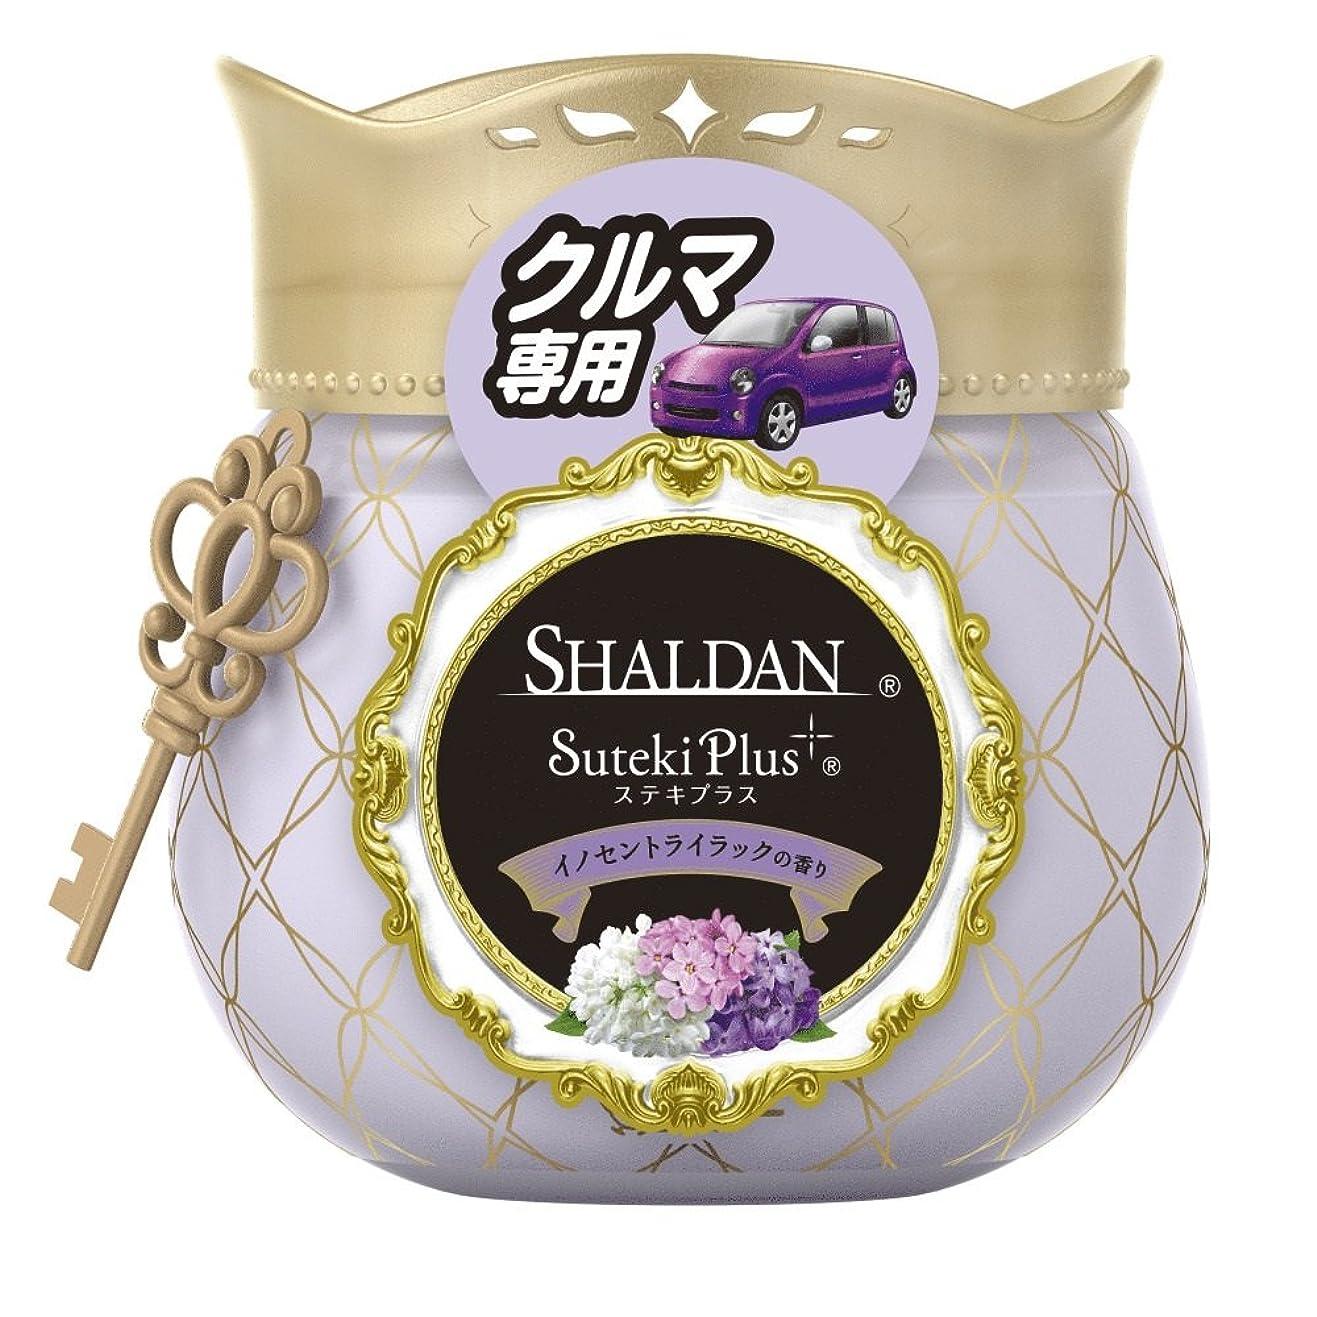 カップホステルカプセルシャルダン SHALDAN ステキプラス クルマ専用 消臭芳香剤 クルマ用 クルマ イノセントライラックの香り 90g